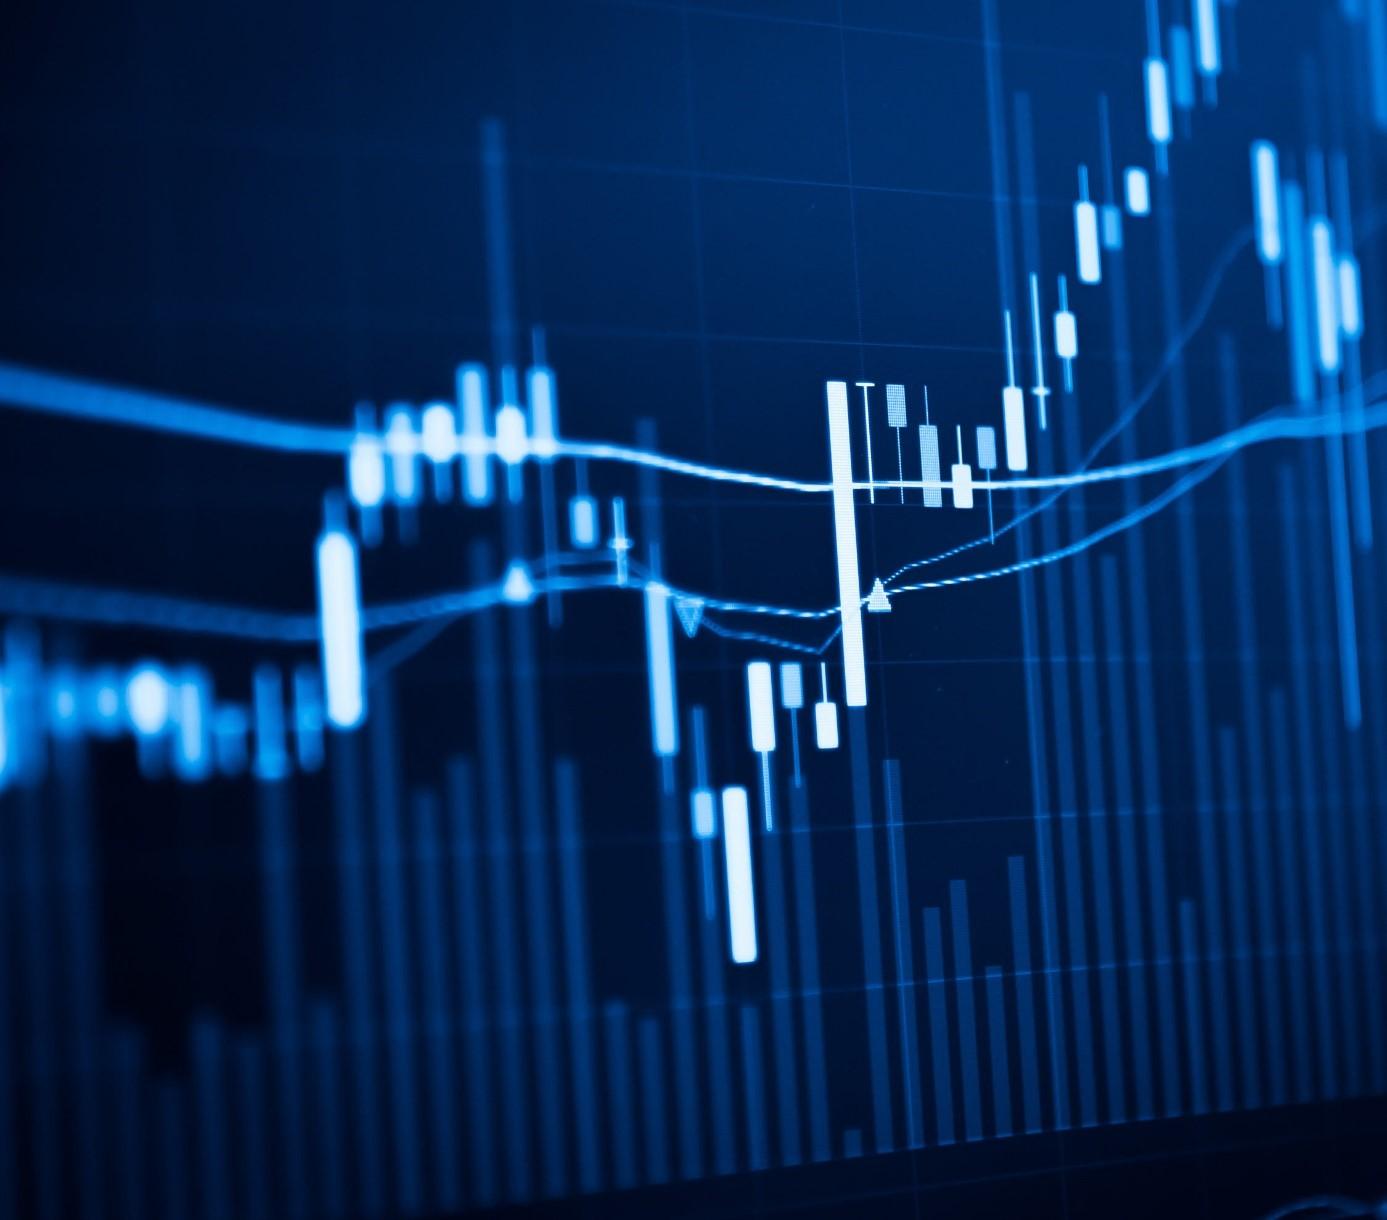 separat förvaltade konton eller placeringsfonder är högt prioriterat för många europeiska kapitalförvaltare. I denna text går vi genom hur man startar en ETF.